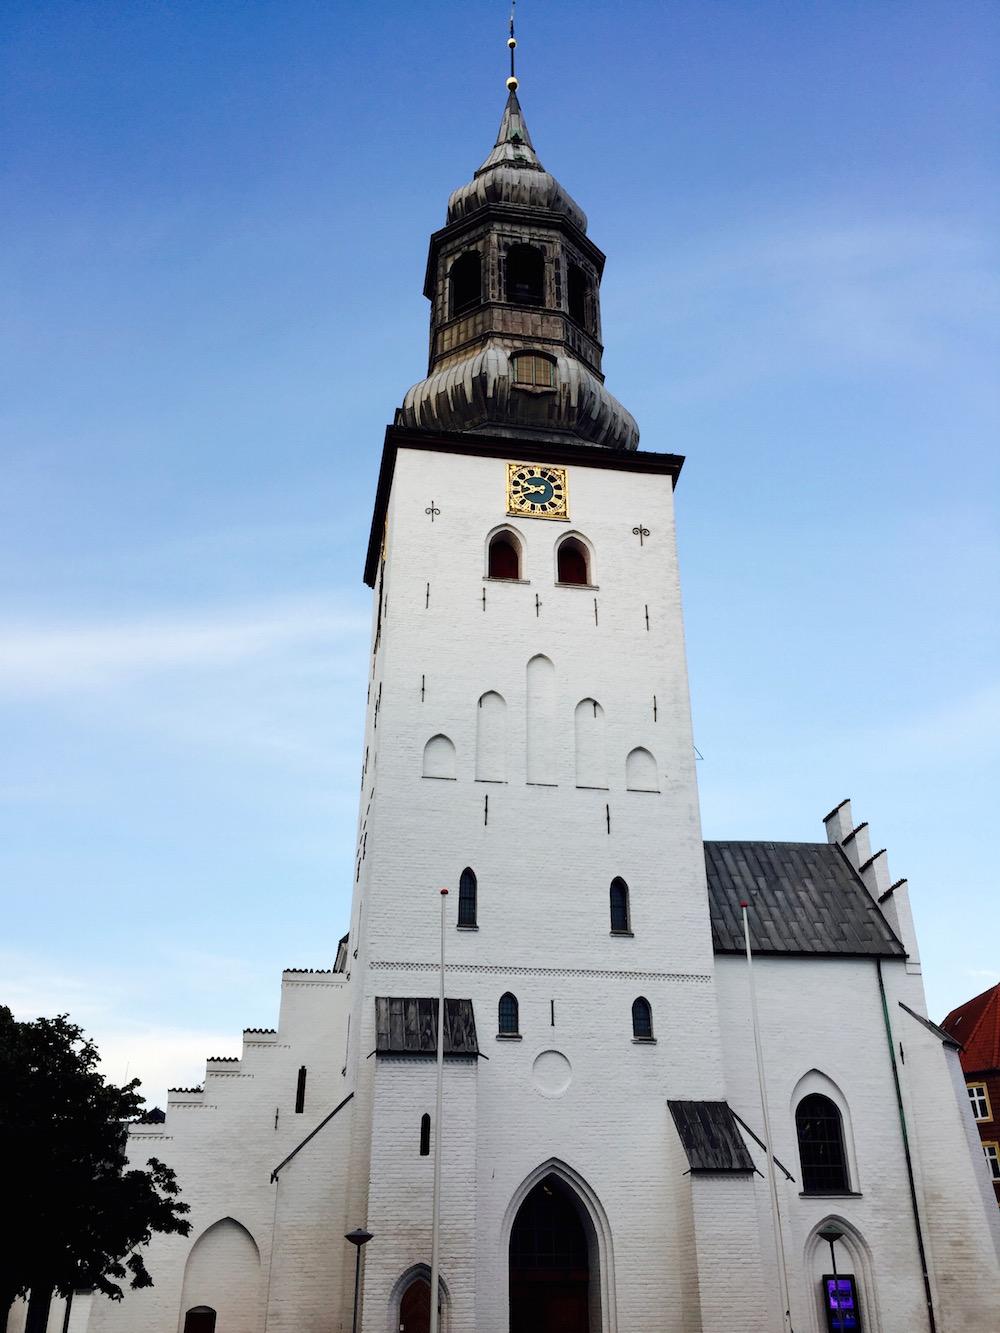 Budolfi-Kirche - der Dom von Aalborg